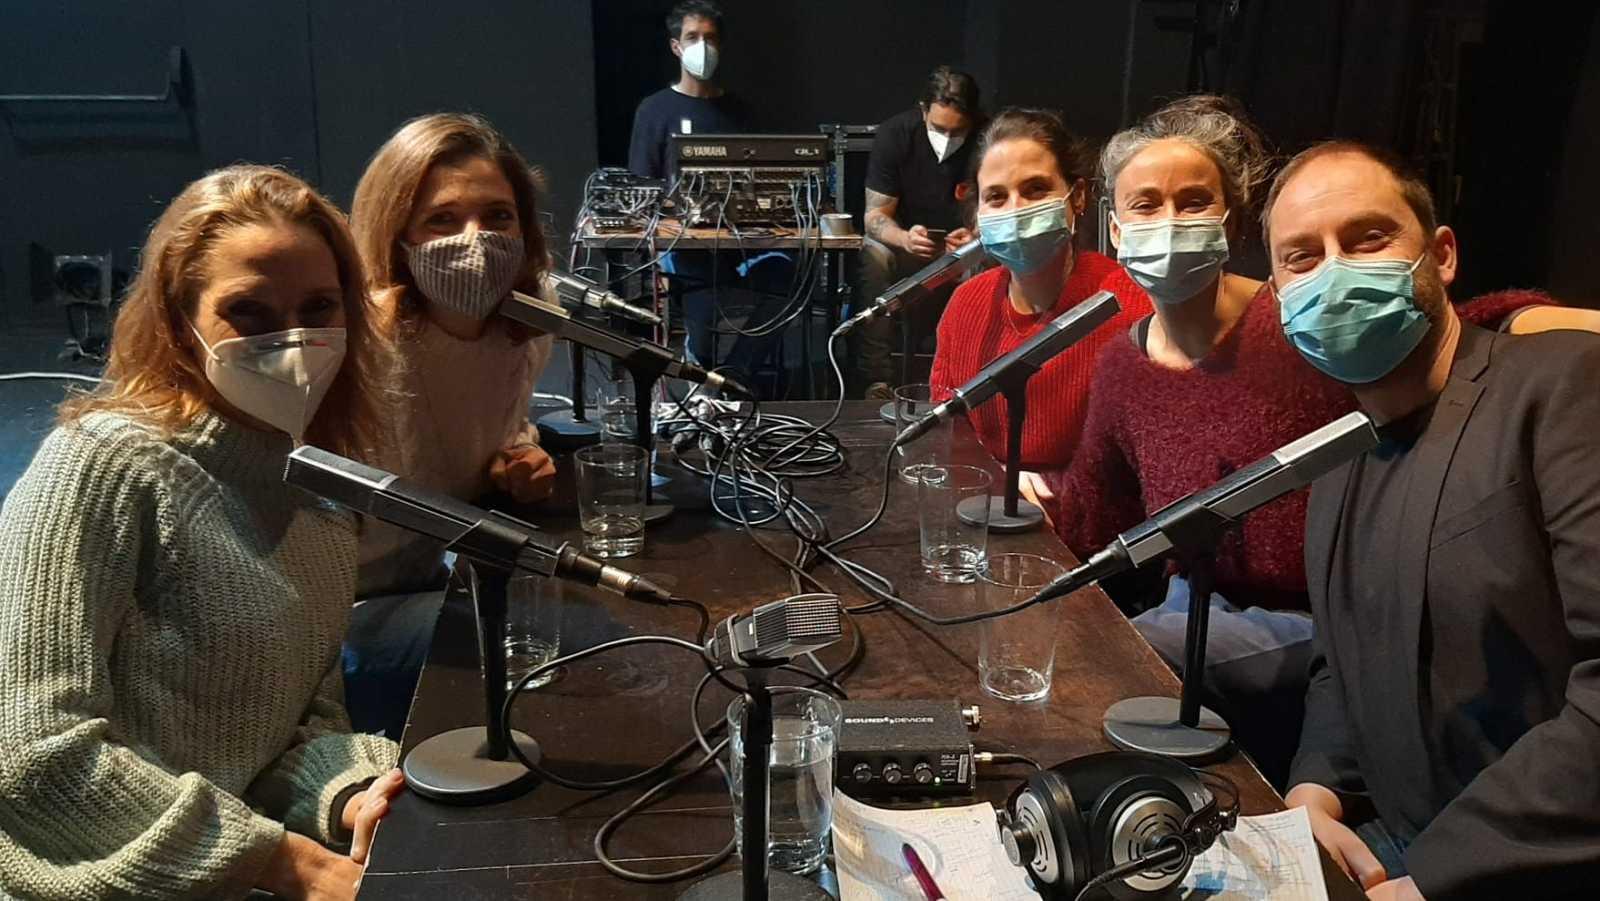 La sala - 'Solo un metro de distancia' regresa a Madrid - 01/12/20 - Escuchar ahora